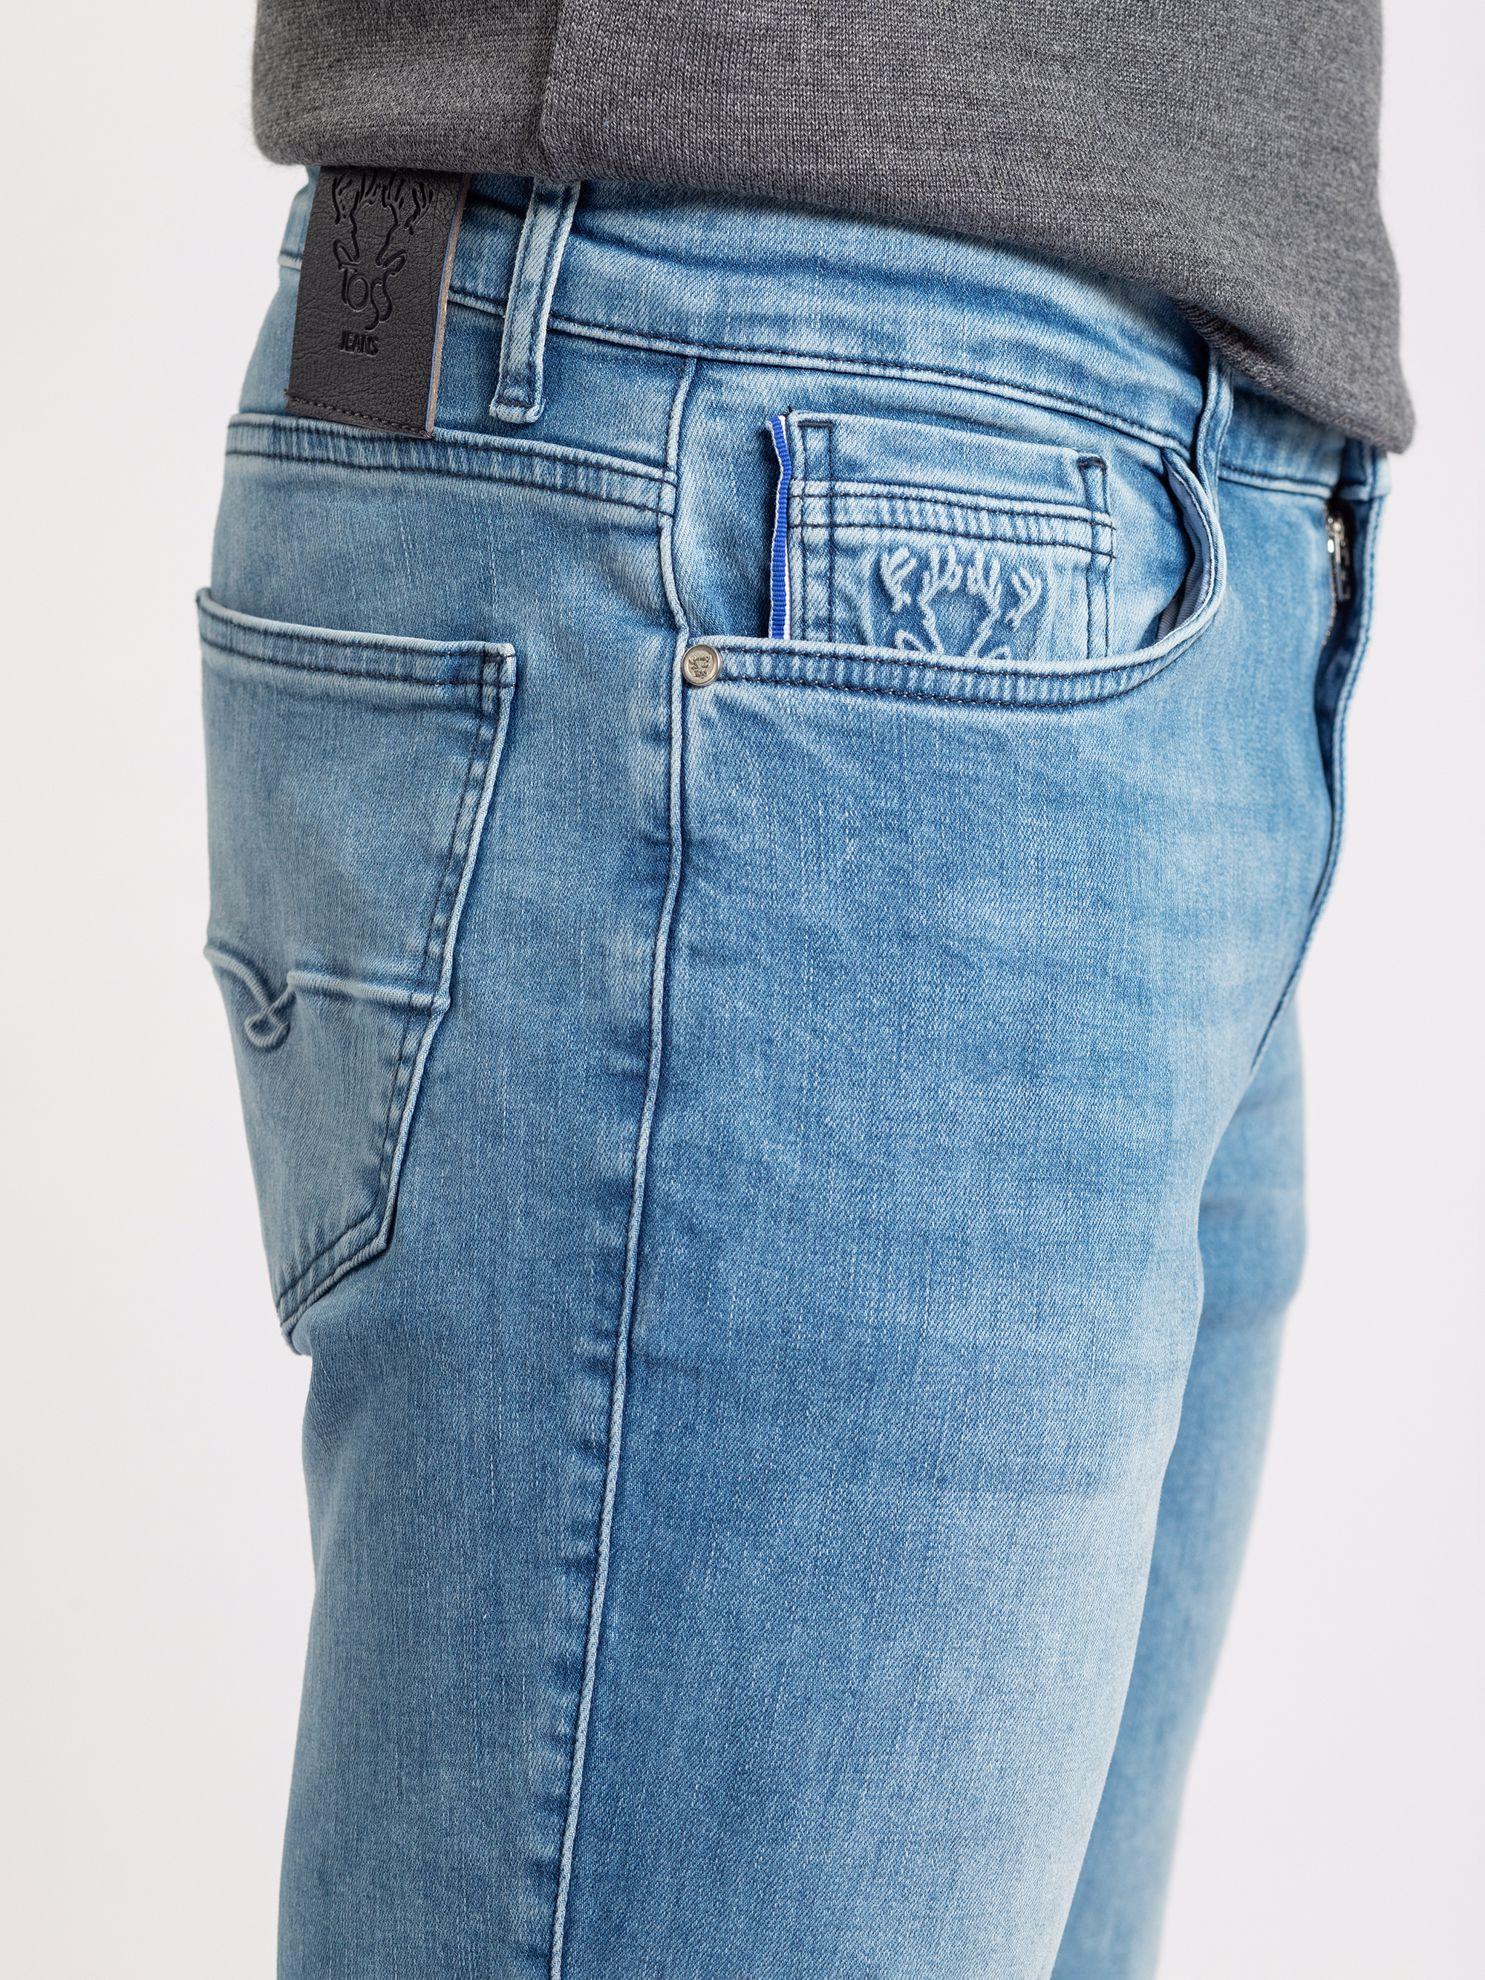 Toss Erkek Jean-Mavi. ürün görseli